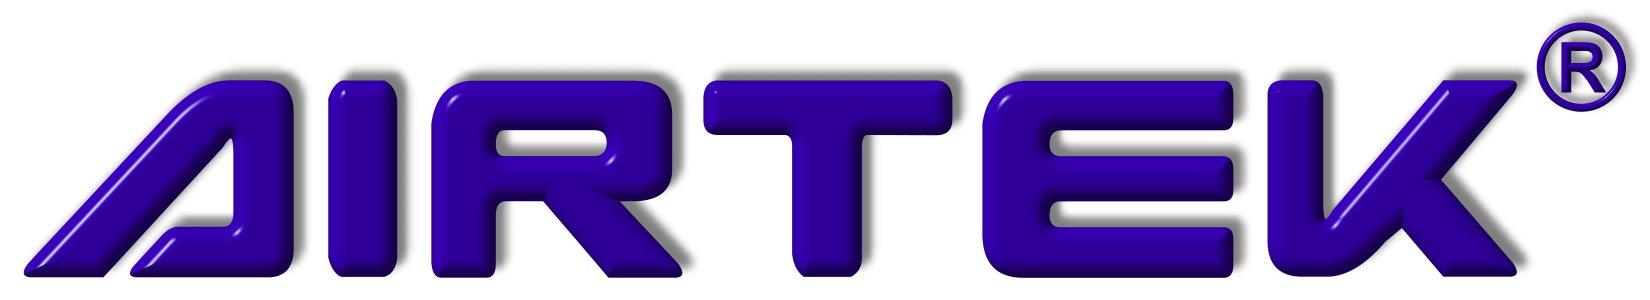 向暘科技股份有限公司-Logo